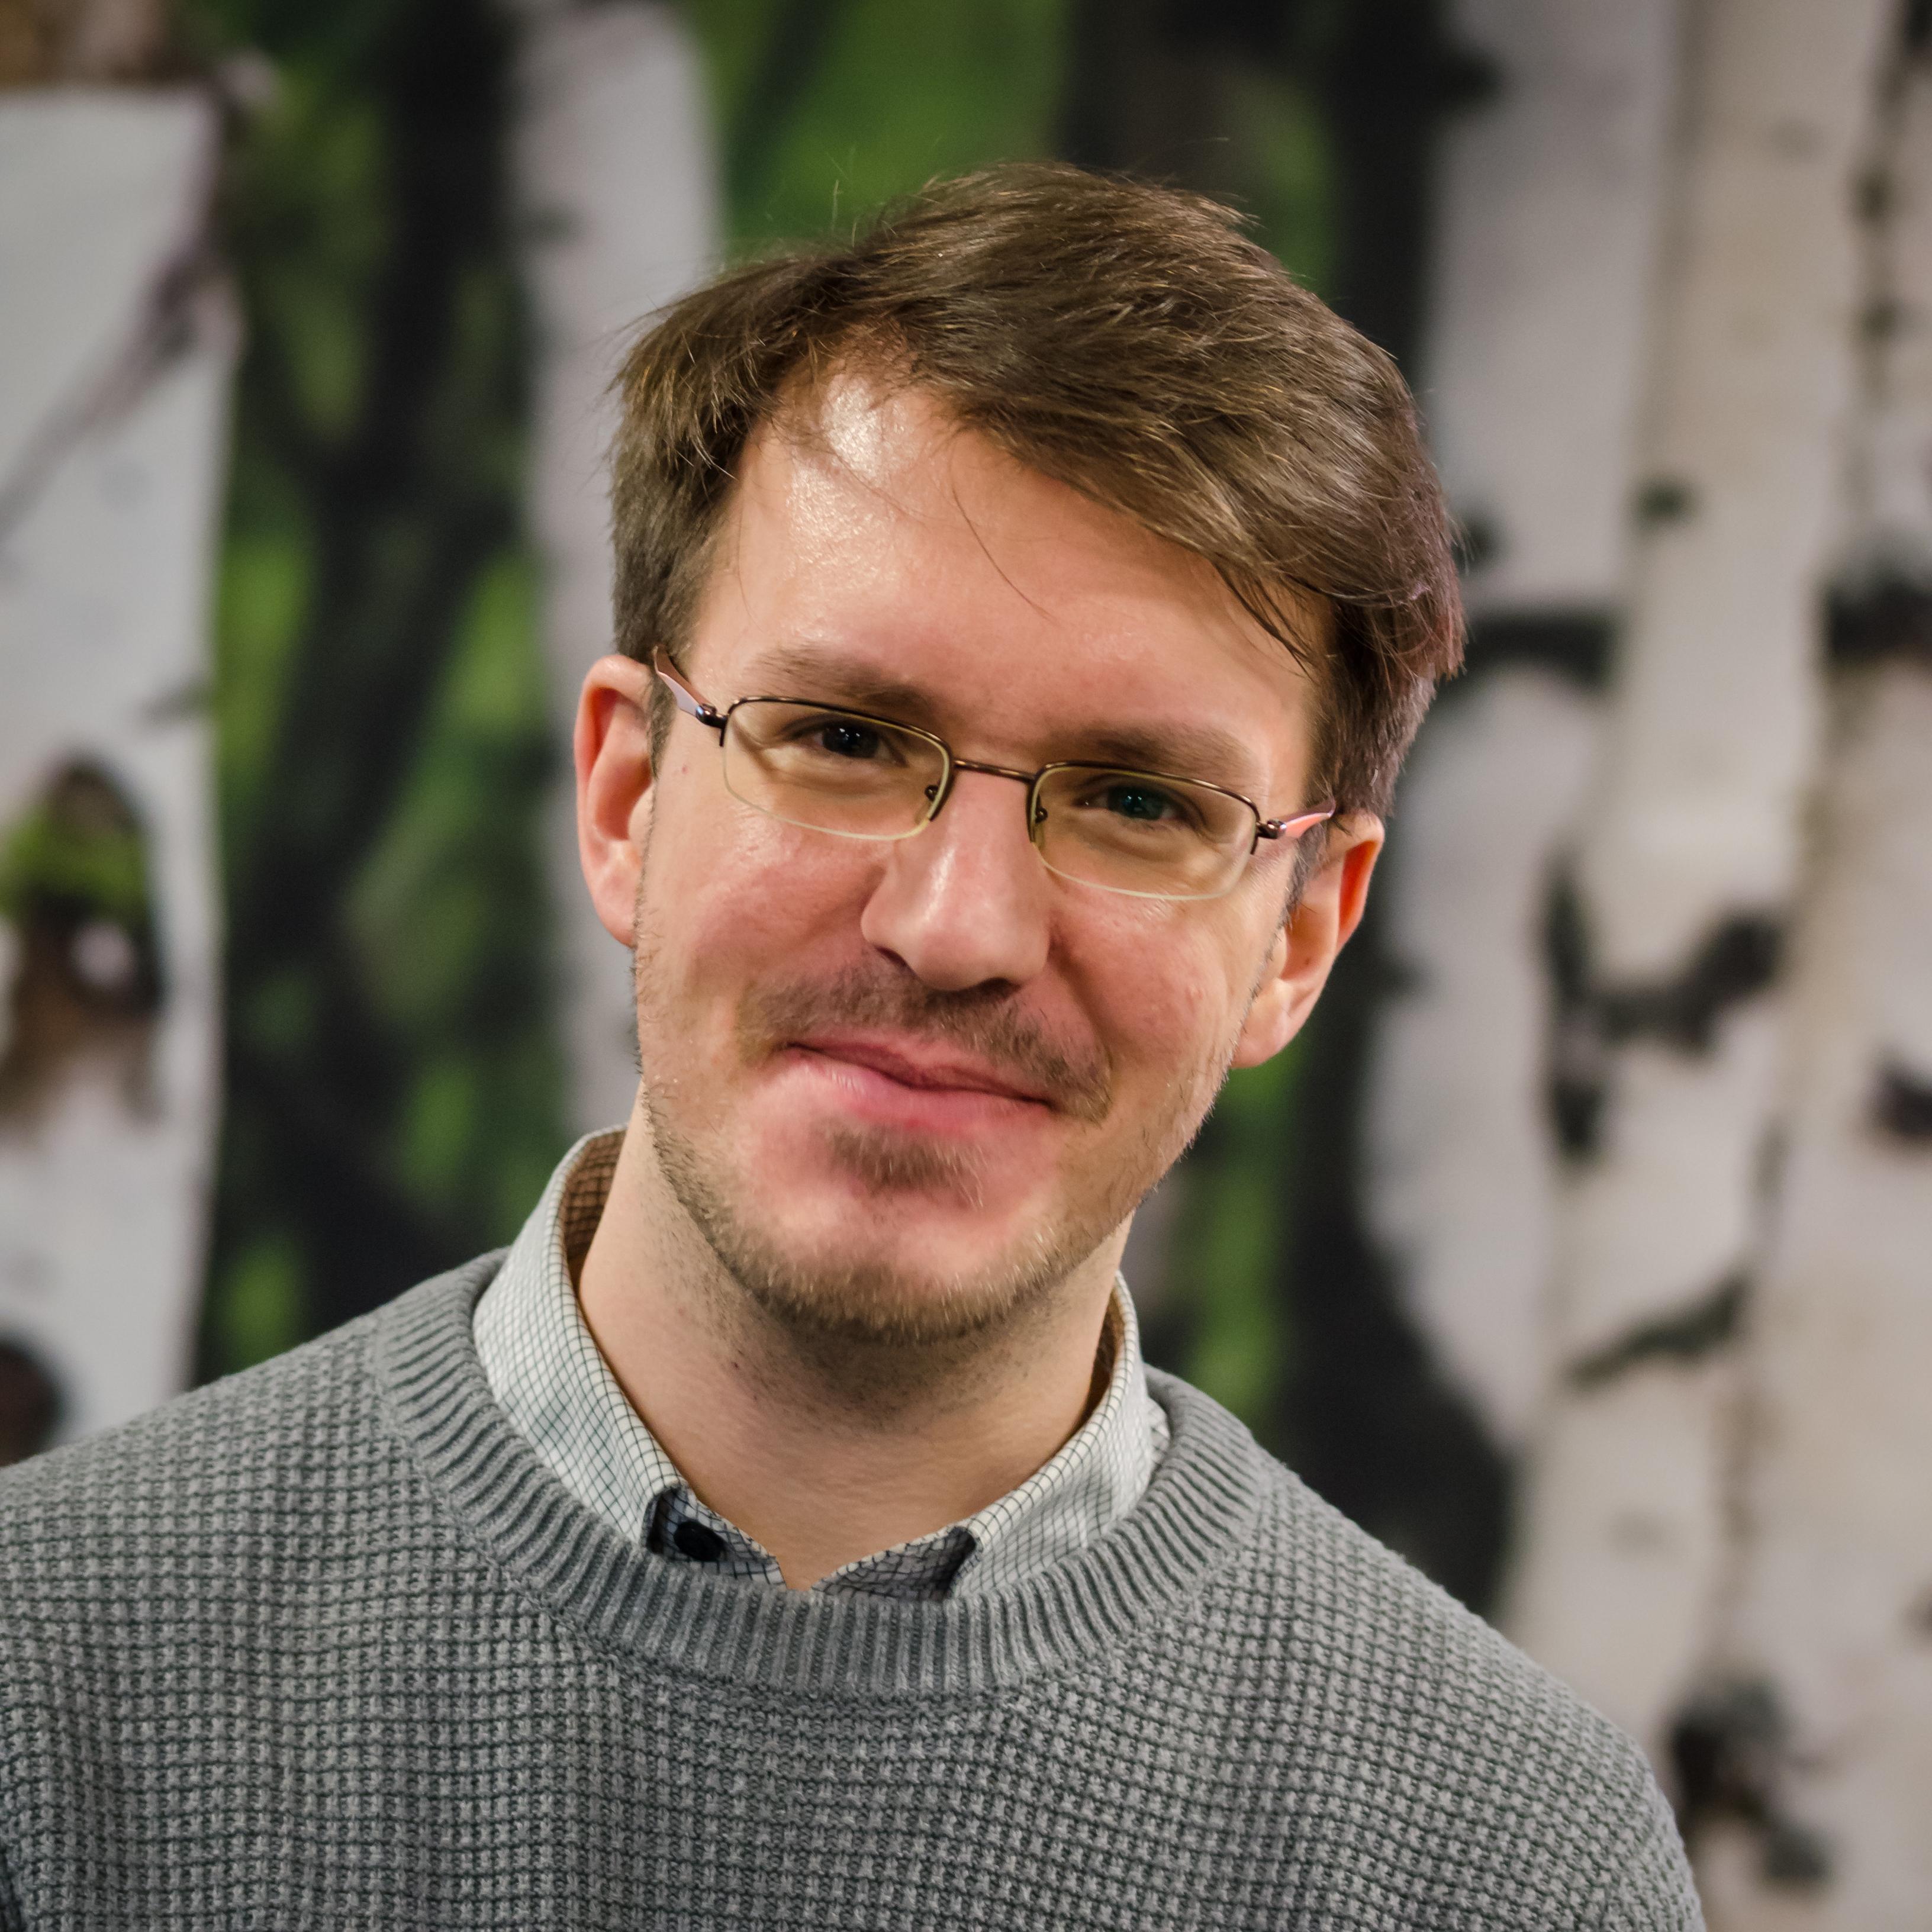 Jonas Wickman